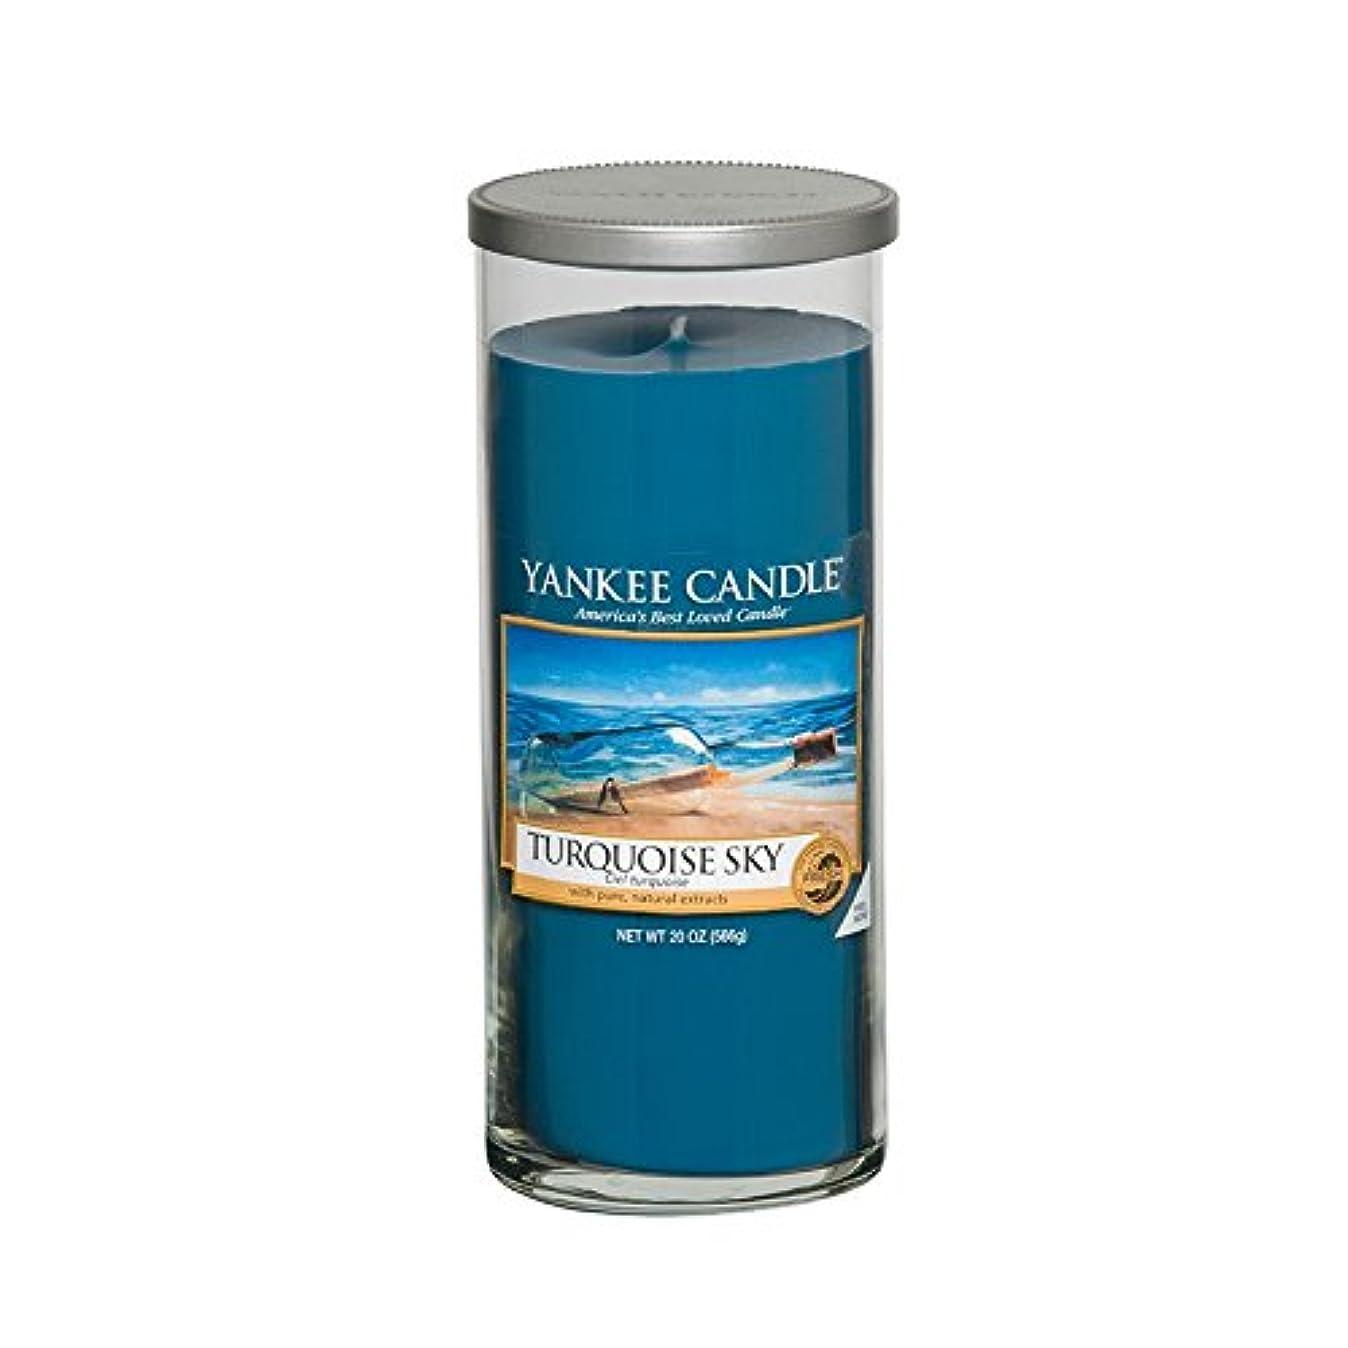 外観デッキ梨Yankee Candles Large Pillar Candle - Turquoise Sky (Pack of 2) - ヤンキーキャンドル大きな柱キャンドル - ターコイズの空 (x2) [並行輸入品]